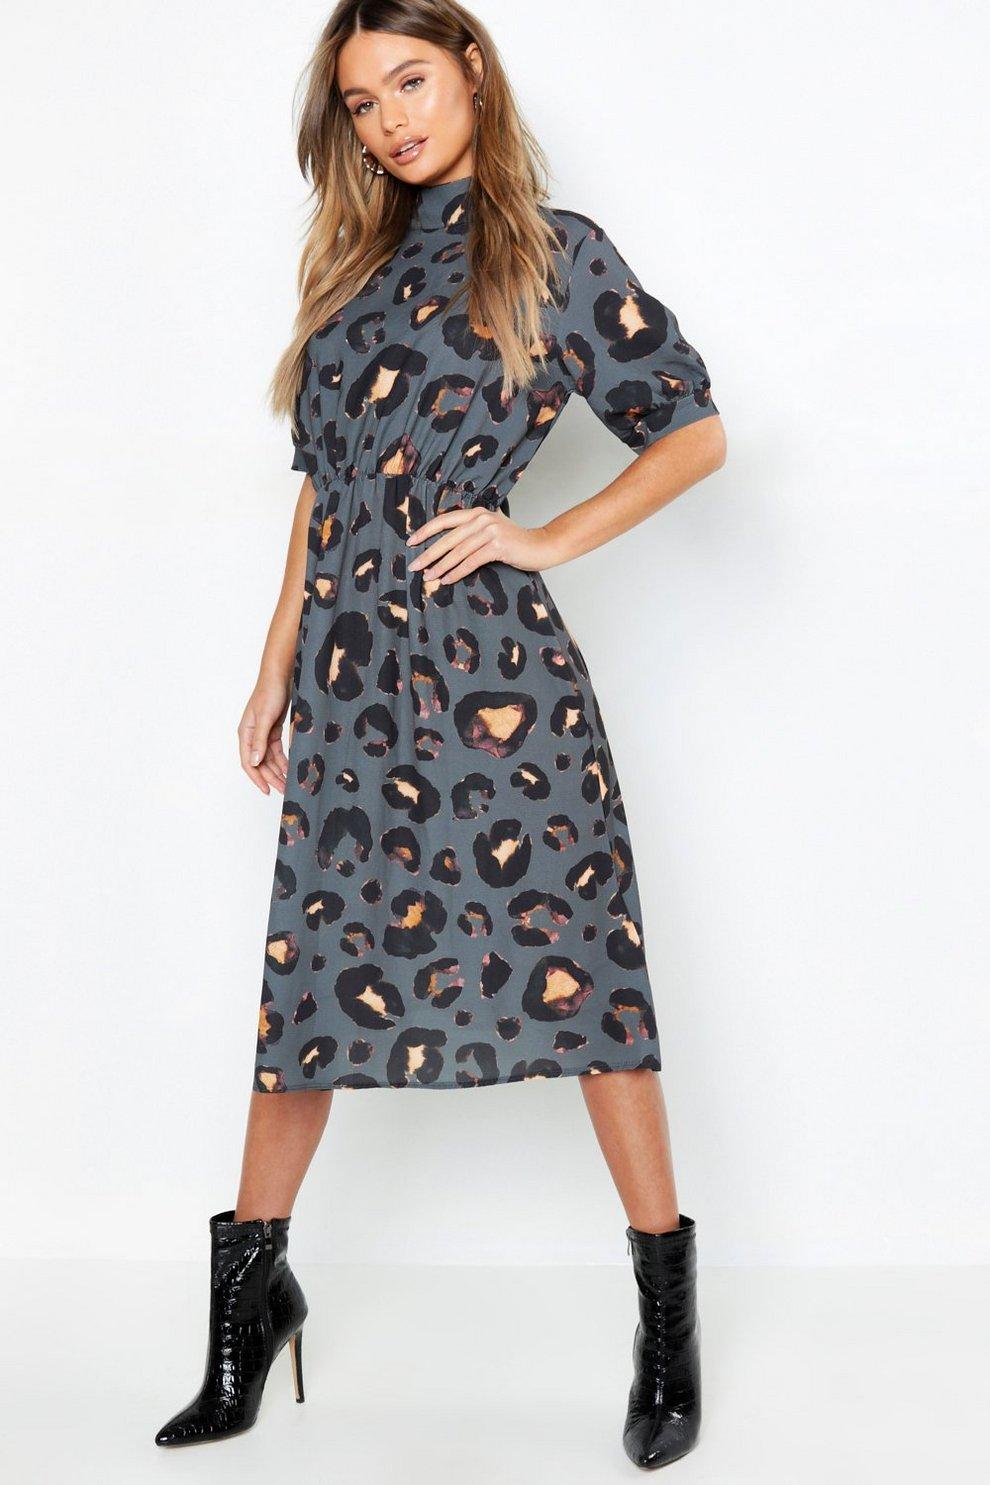 2b49ddc78d06 Leopard Print High Neck Midi Dress | Boohoo